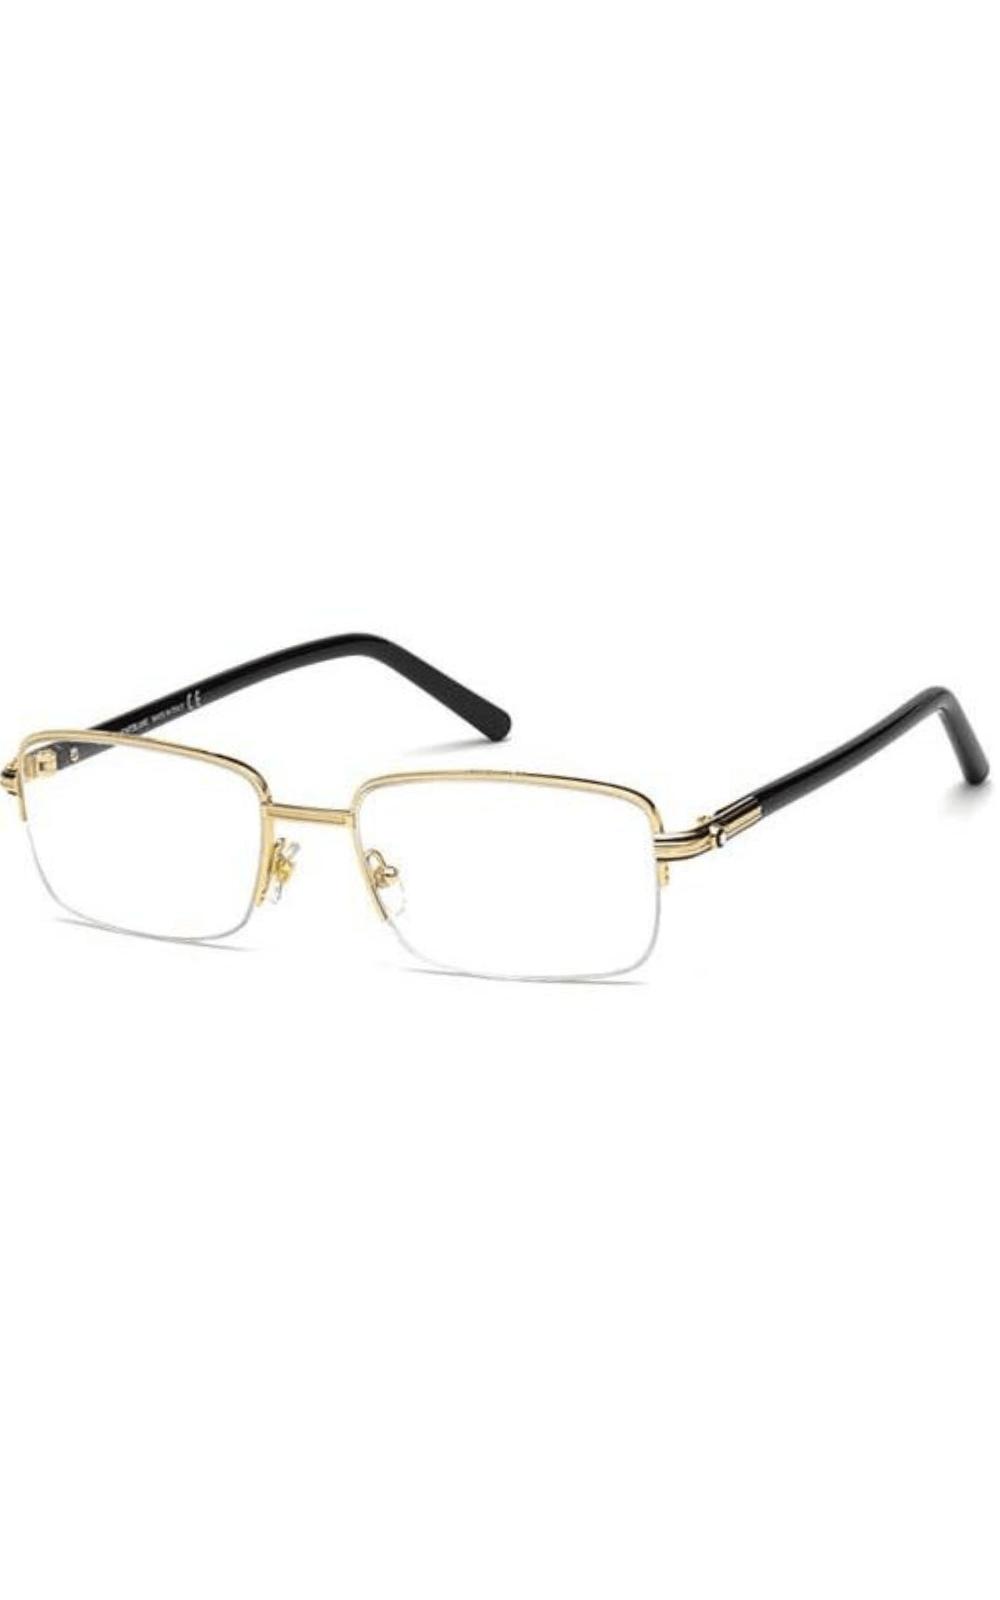 5129e87fd079a Óculos de Grau Mont Blanc 478 030